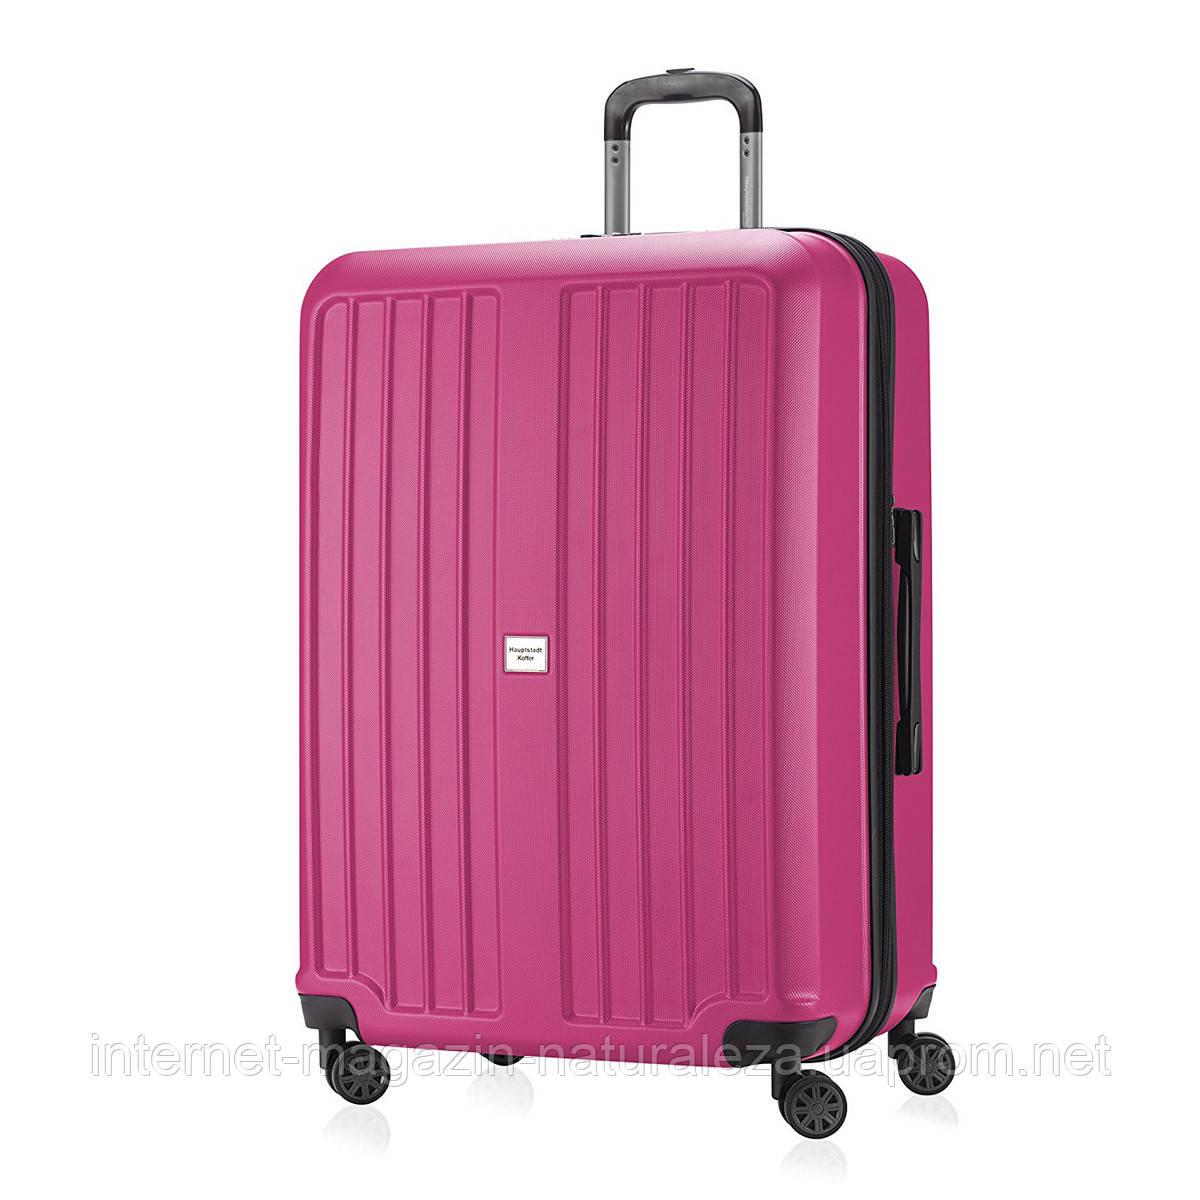 Валізи дорожні Hauptstadtkoffer Xberg maxi рожевий матовий